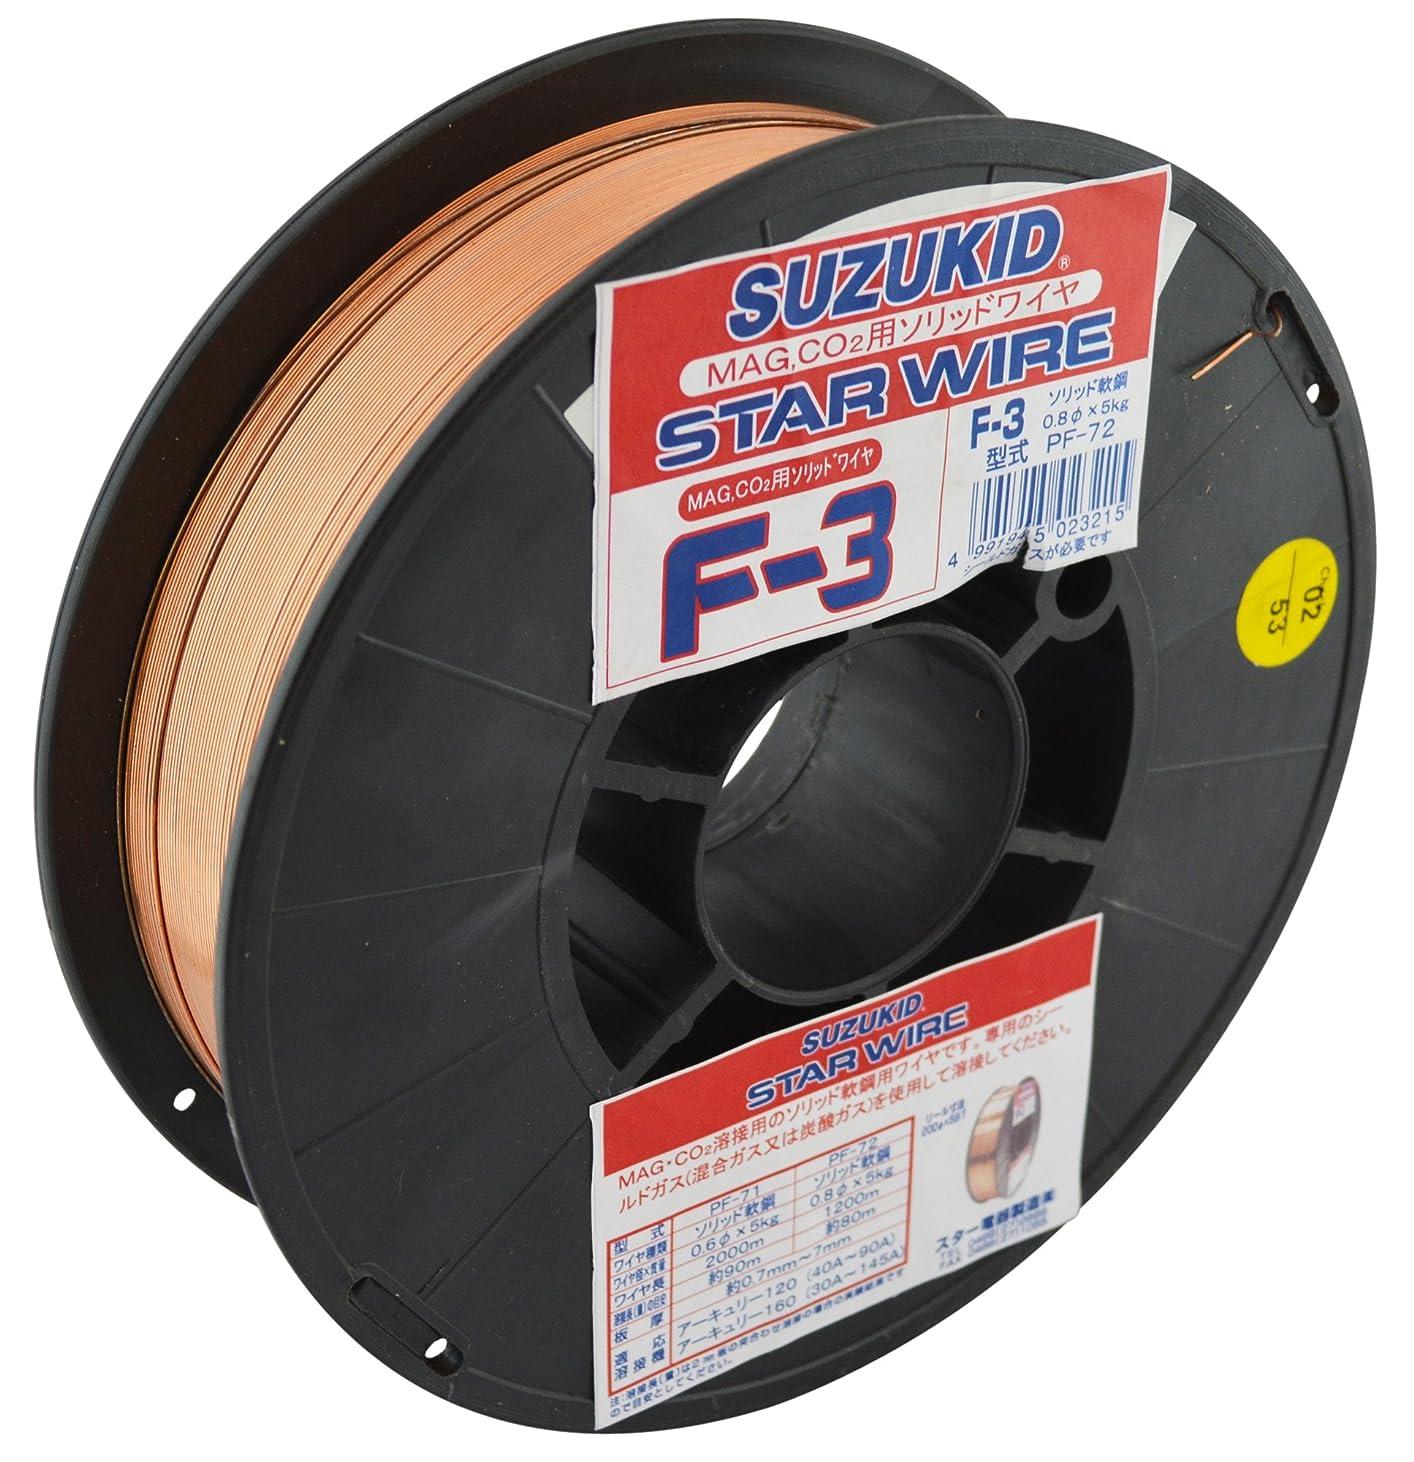 スズキッド(SUZUKID) ソリッド軟鋼0.8φ*5.0kg PF-72